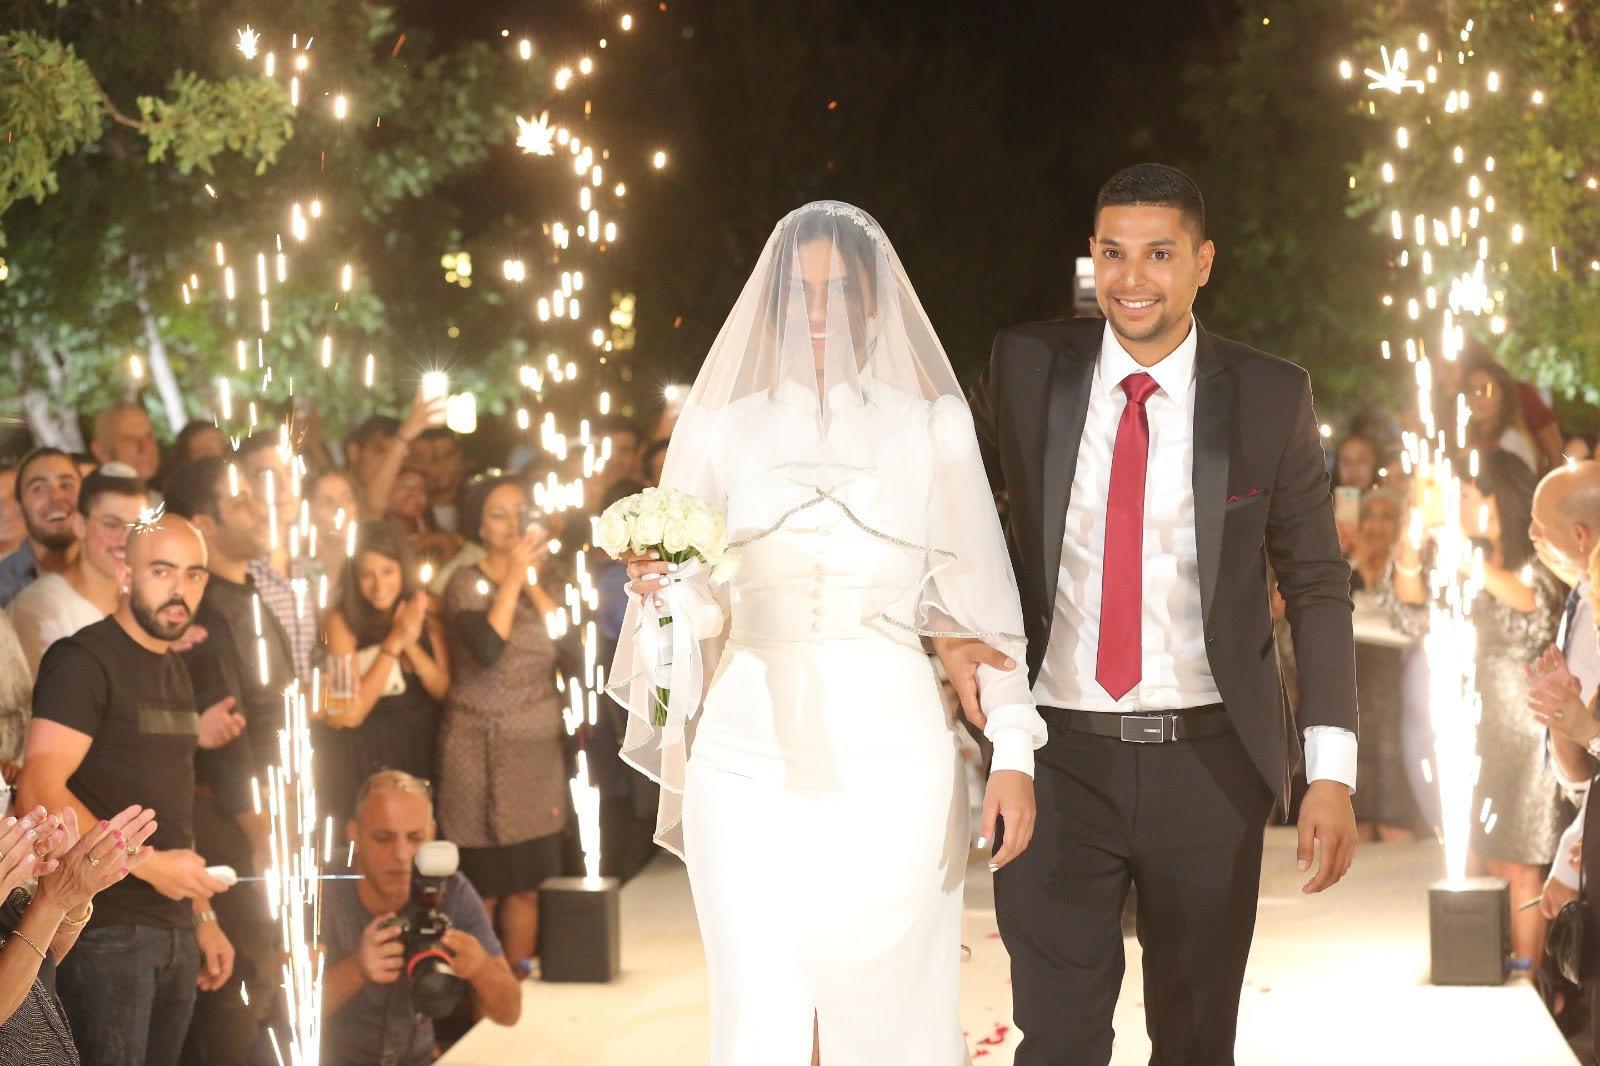 לחתונה של אביגיל וחיים - לחצו כאן